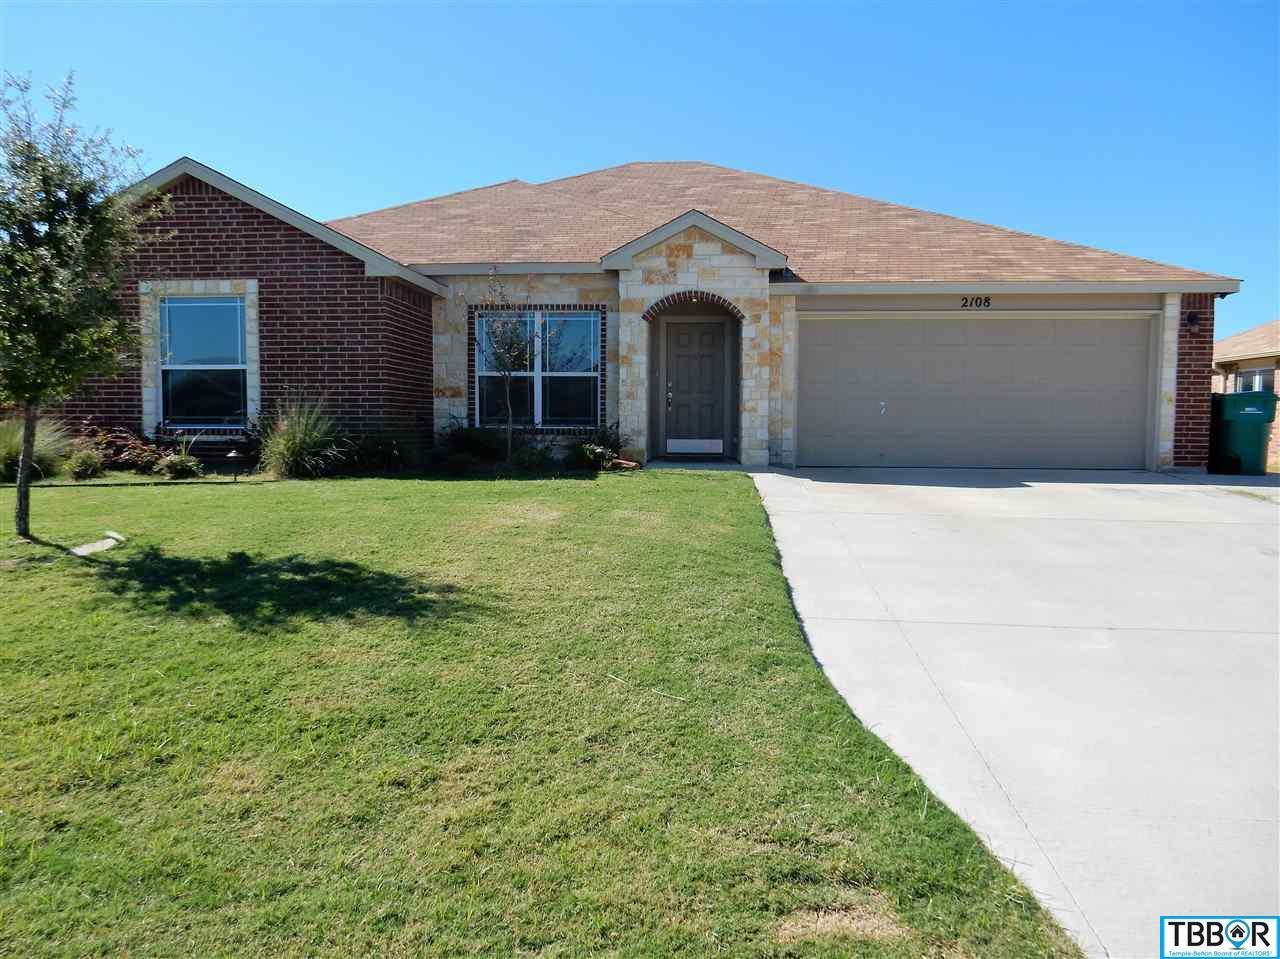 2108 Jefferson Court South, Belton TX 76513 - Photo 1